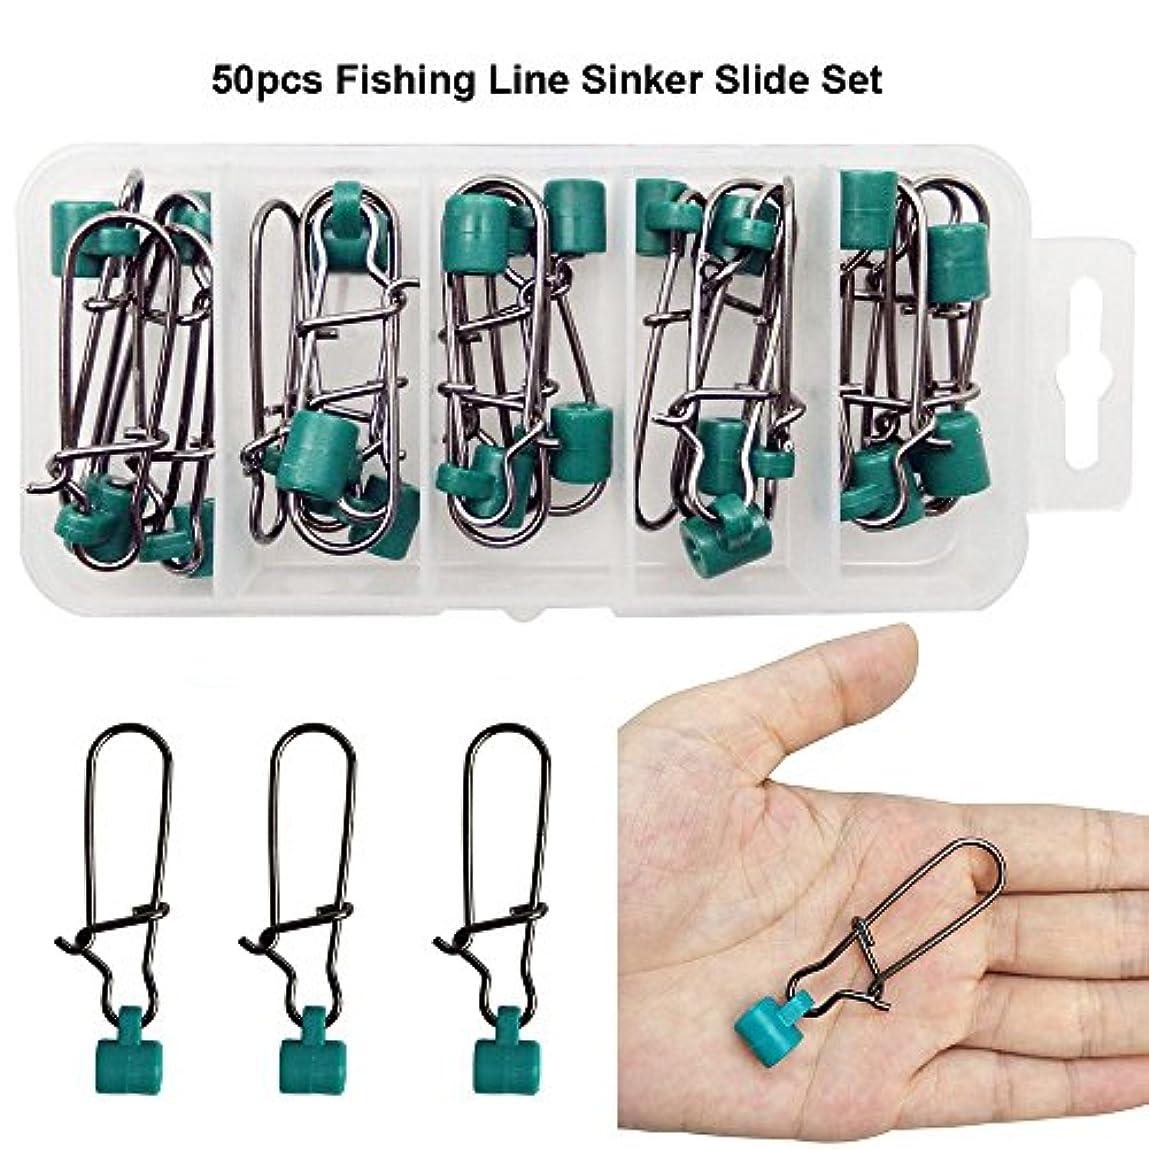 RG 50個/ボックス頑丈な強力なグリーン釣りラインシンカースライドwith高強度ステンレススチールNiceスナップ釣りSinker Slidersタックルボックスセット – テスト: 220lb